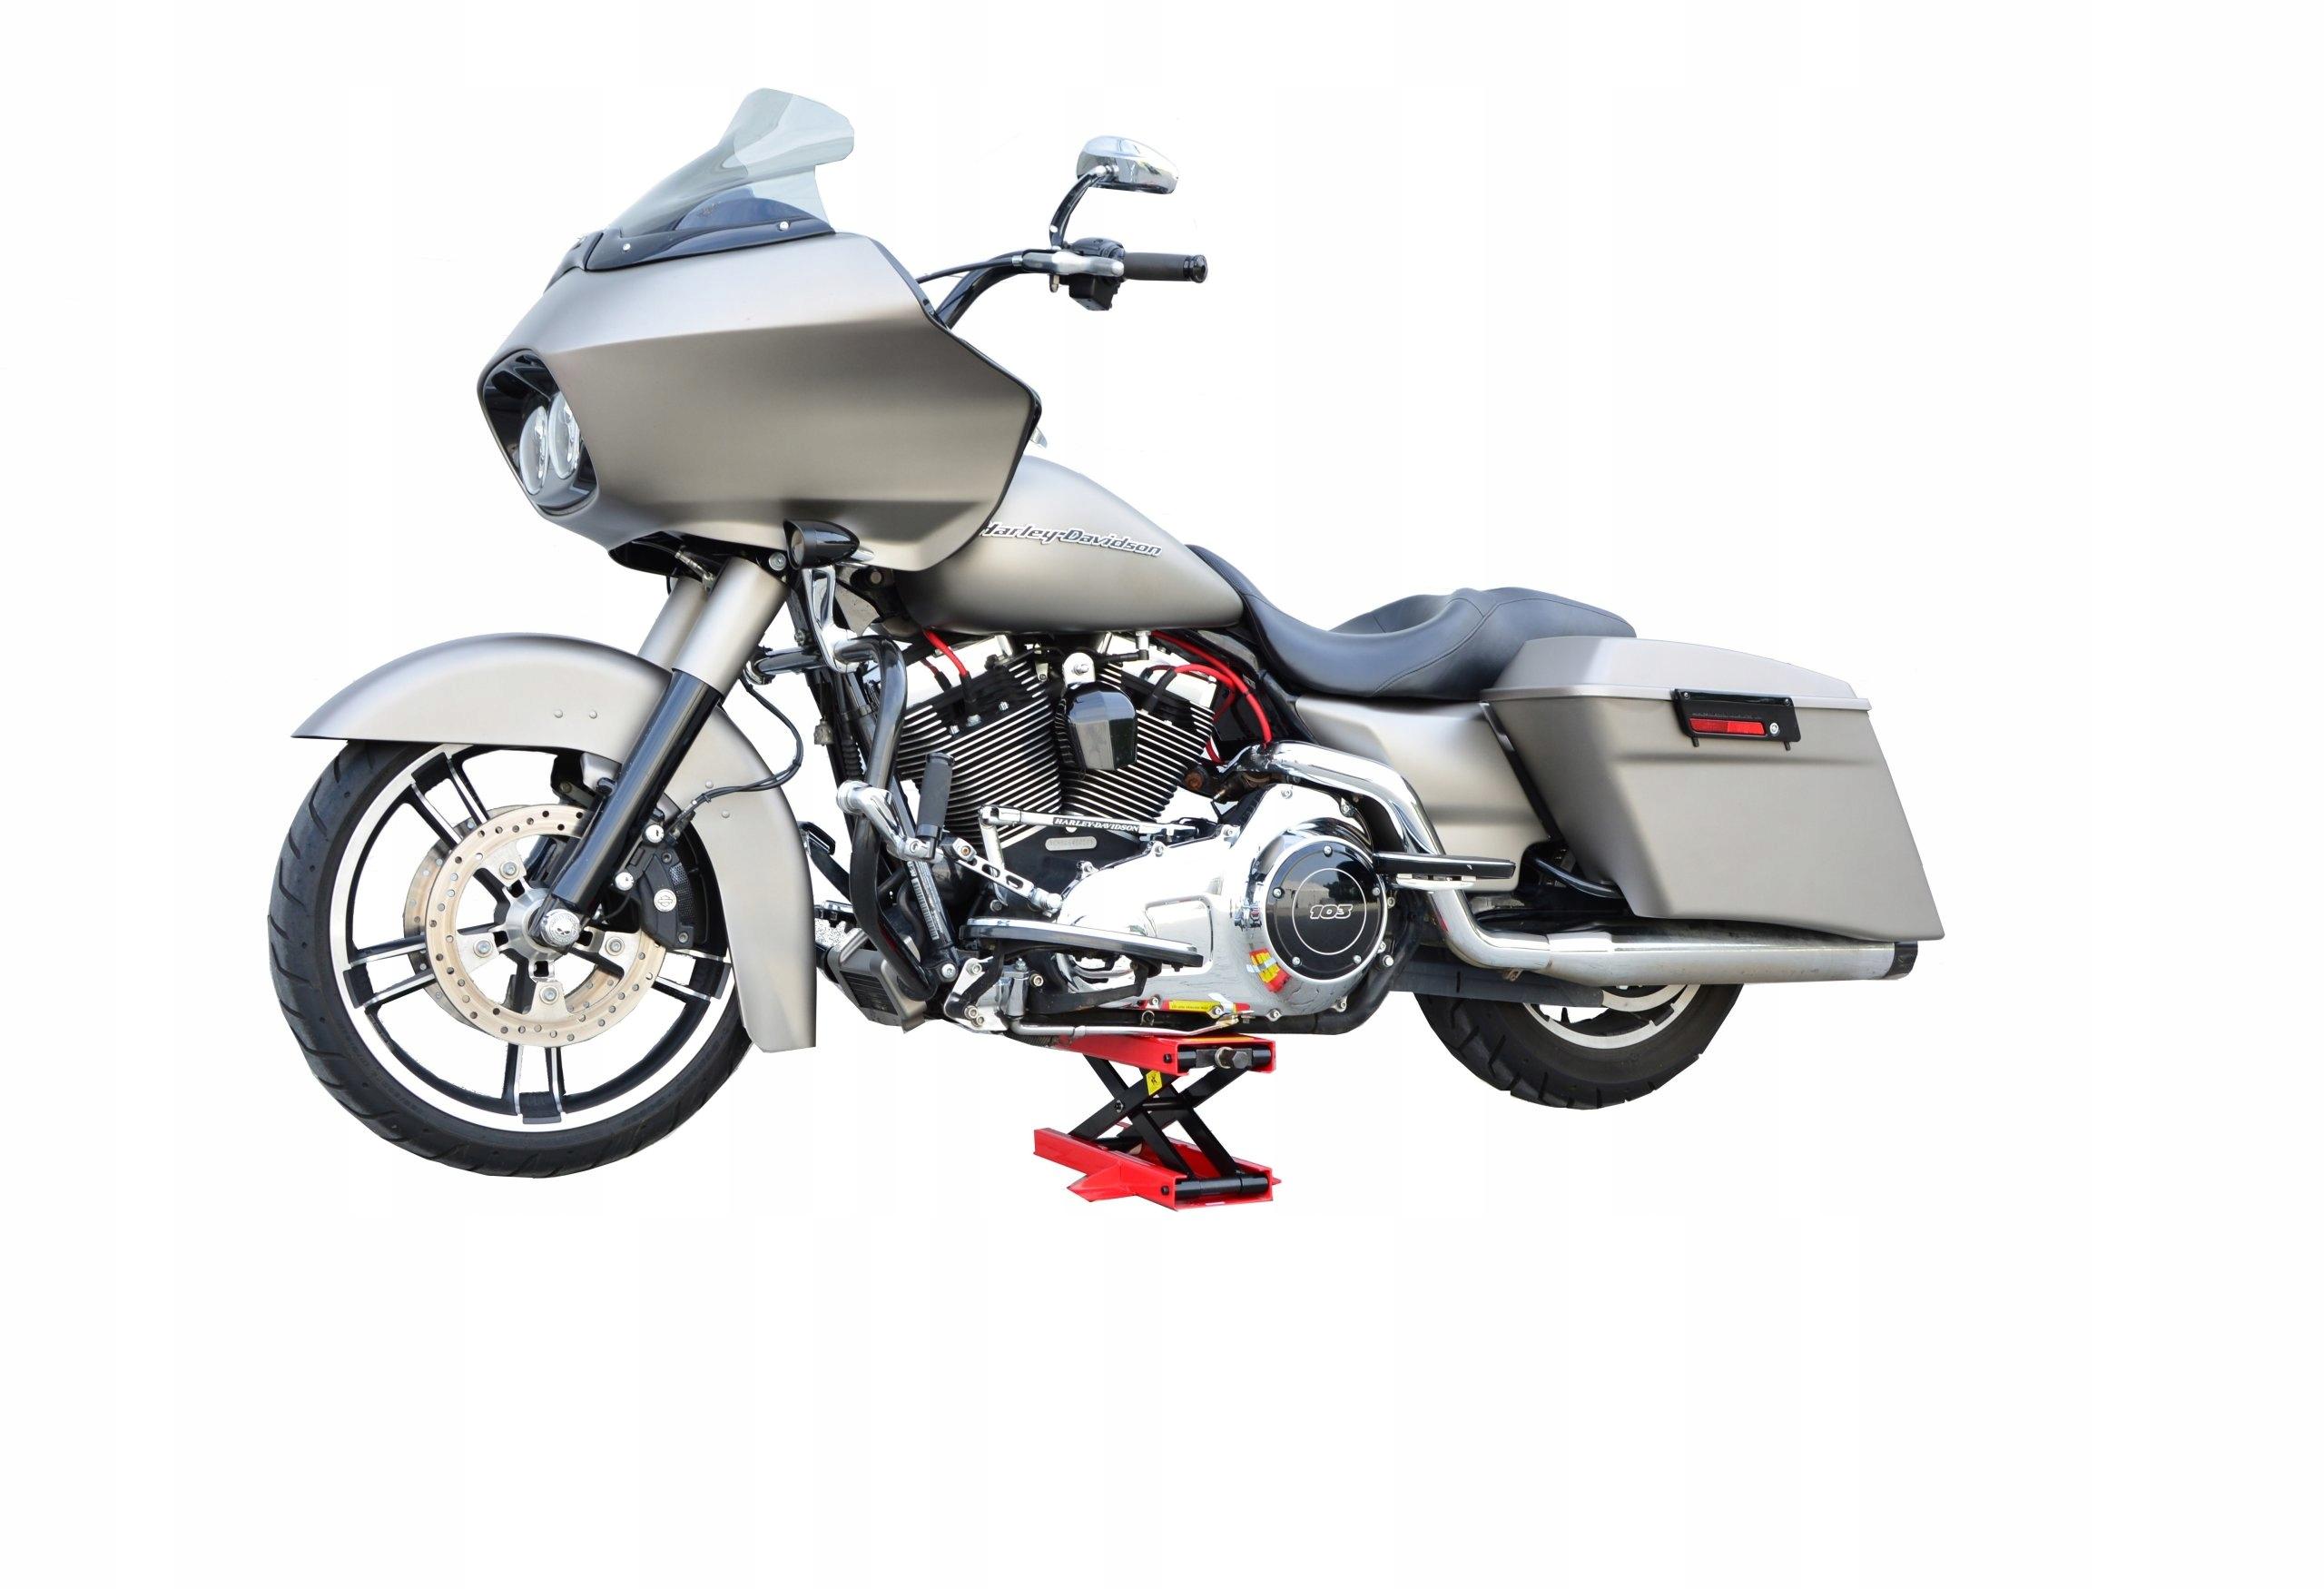 PODNOŚNIK MOTOCYKLOWY STOJAK MOTOR NOŻYCOWY 500kg